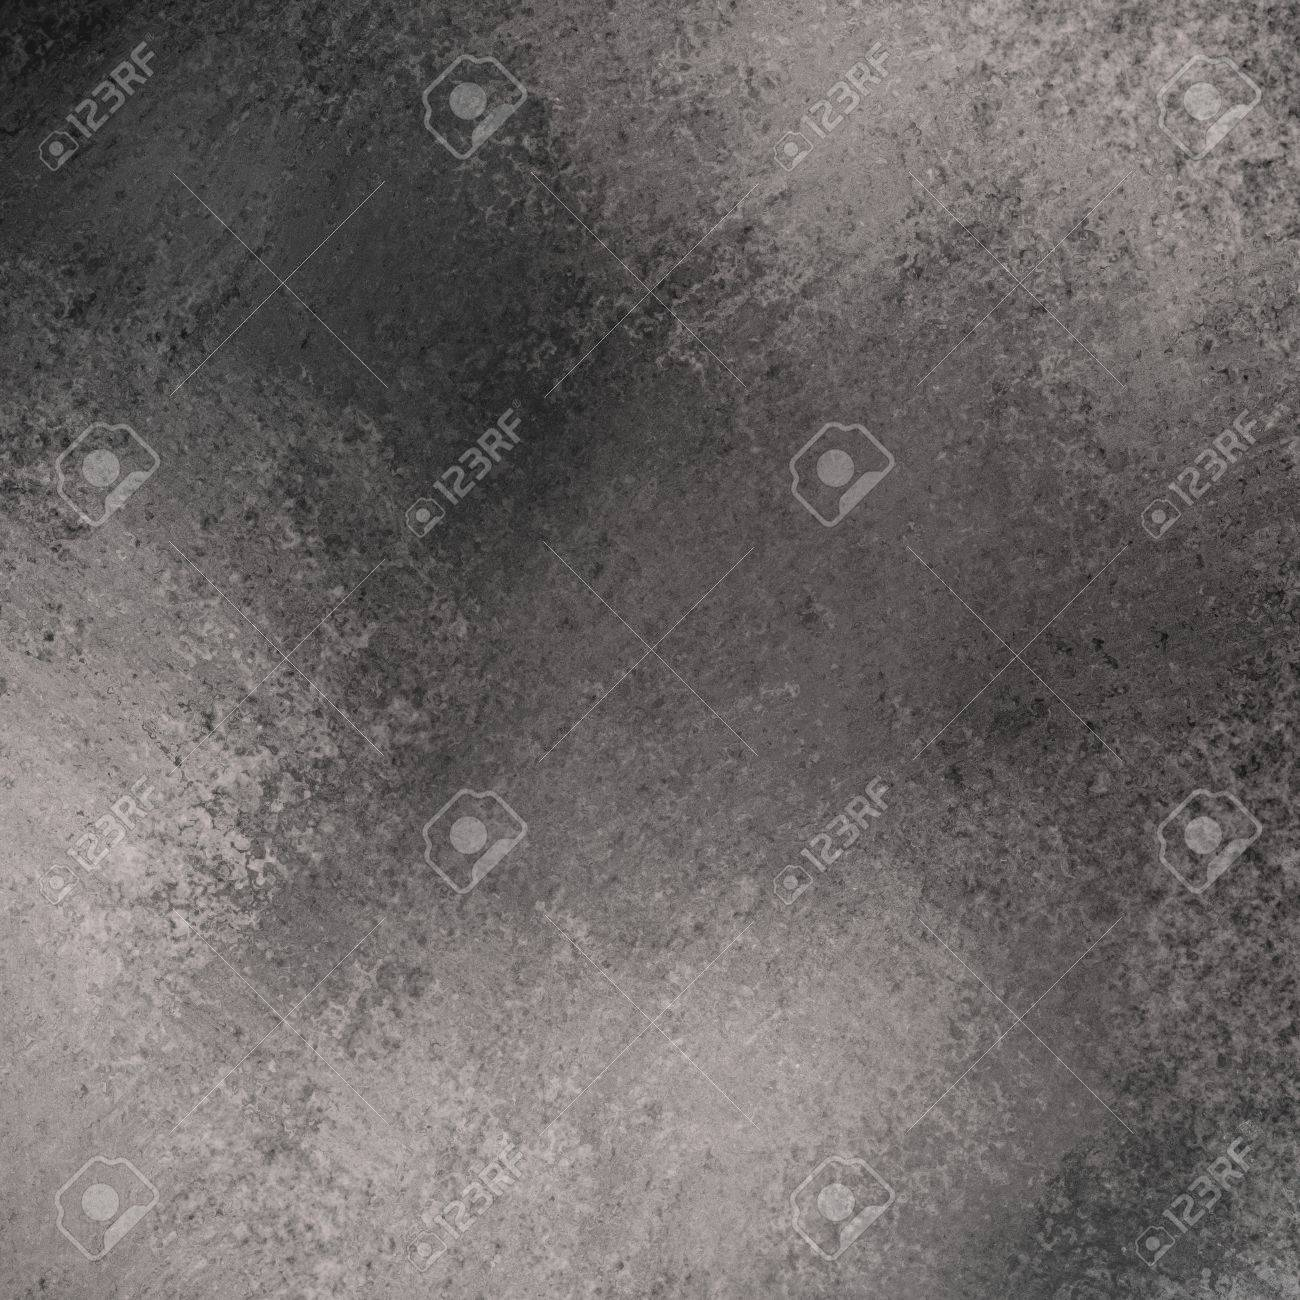 Millésime Disposition De La Texture De Fond Noir Avec Du Blanc En Détresse Grunge éponge Peinture Murale En Effet Marbré Désordre